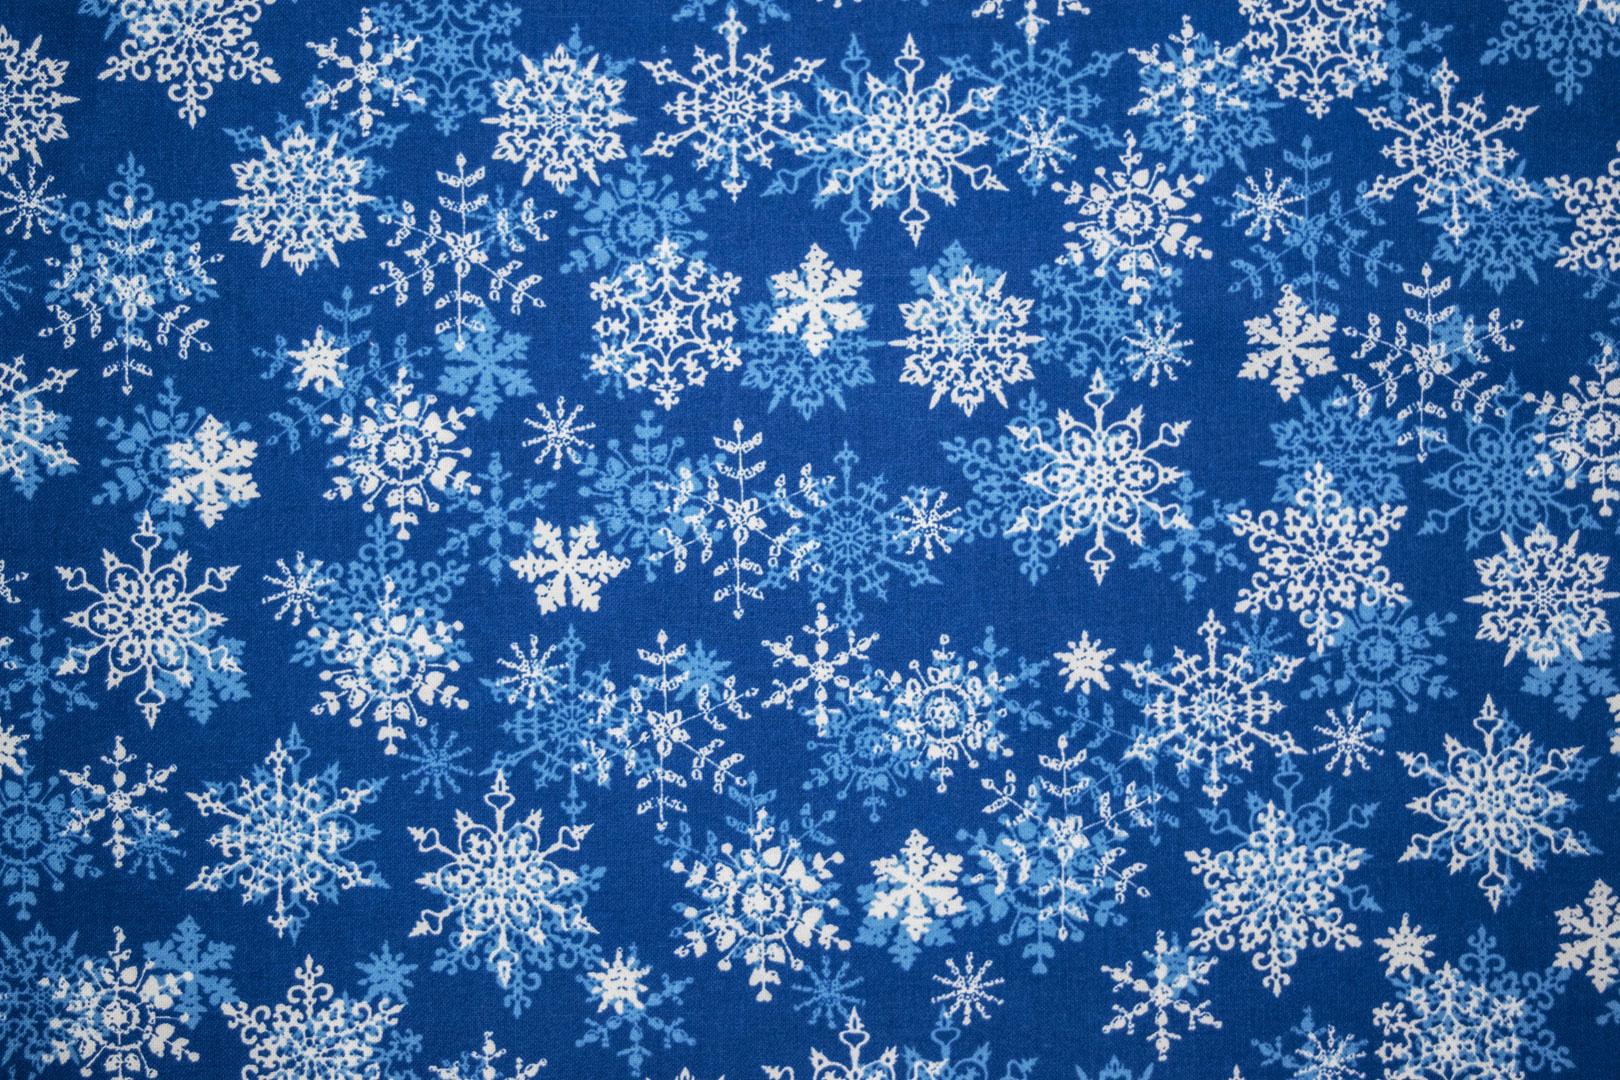 203_49029_blue